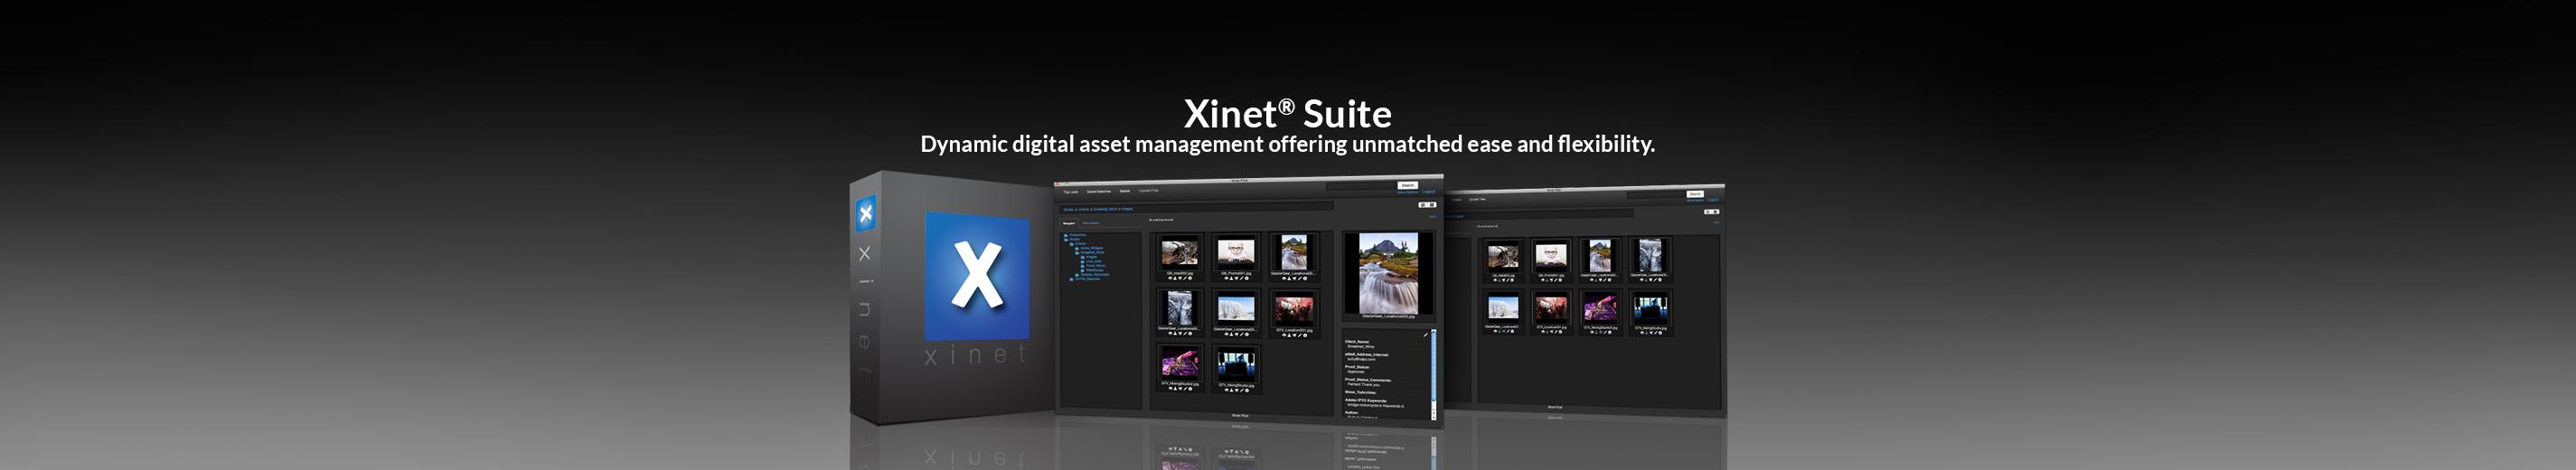 Xinet-Suite-header-toFit.jpg